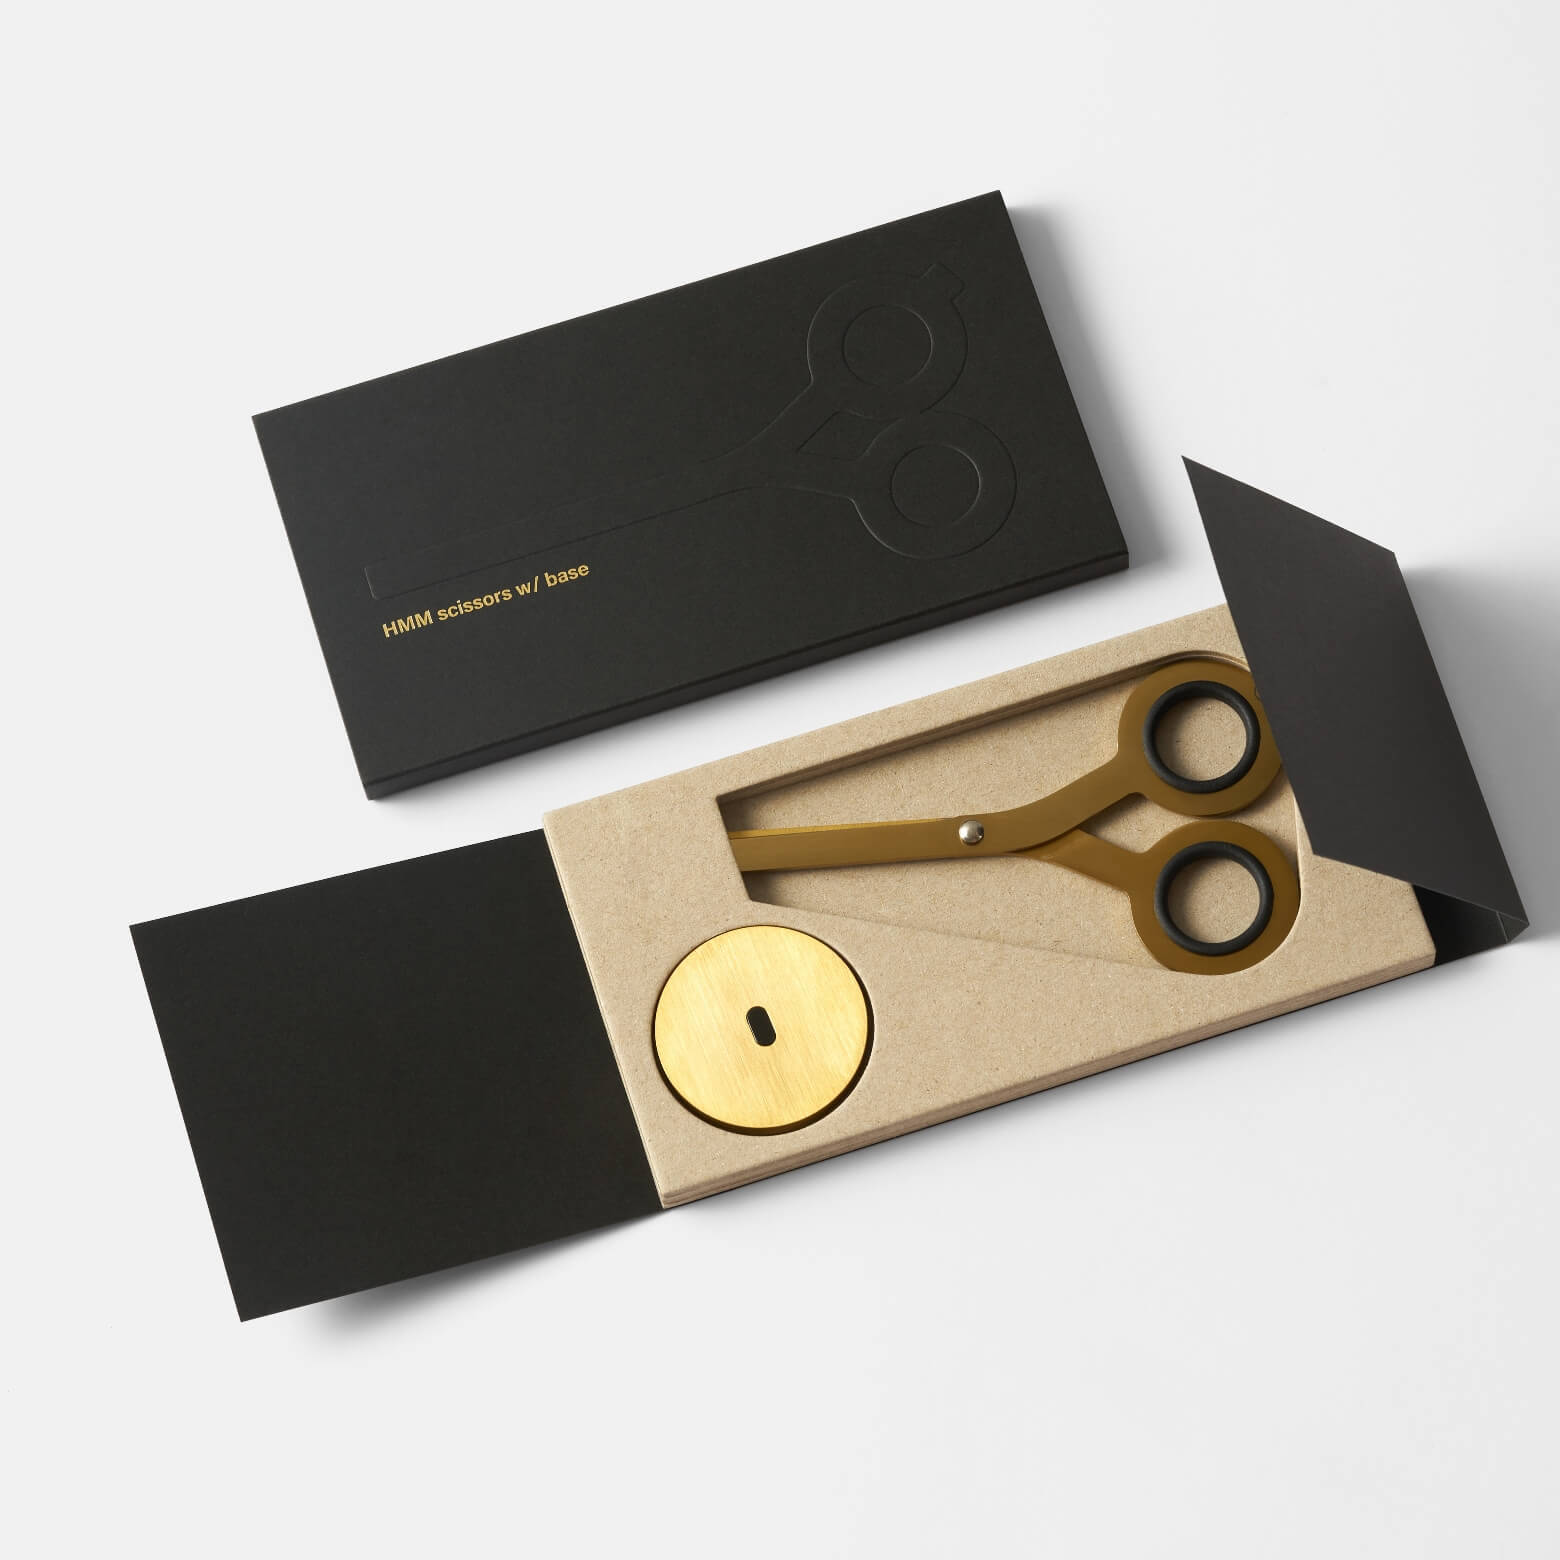 HMM Scissors Gold — ножницы с подставкой